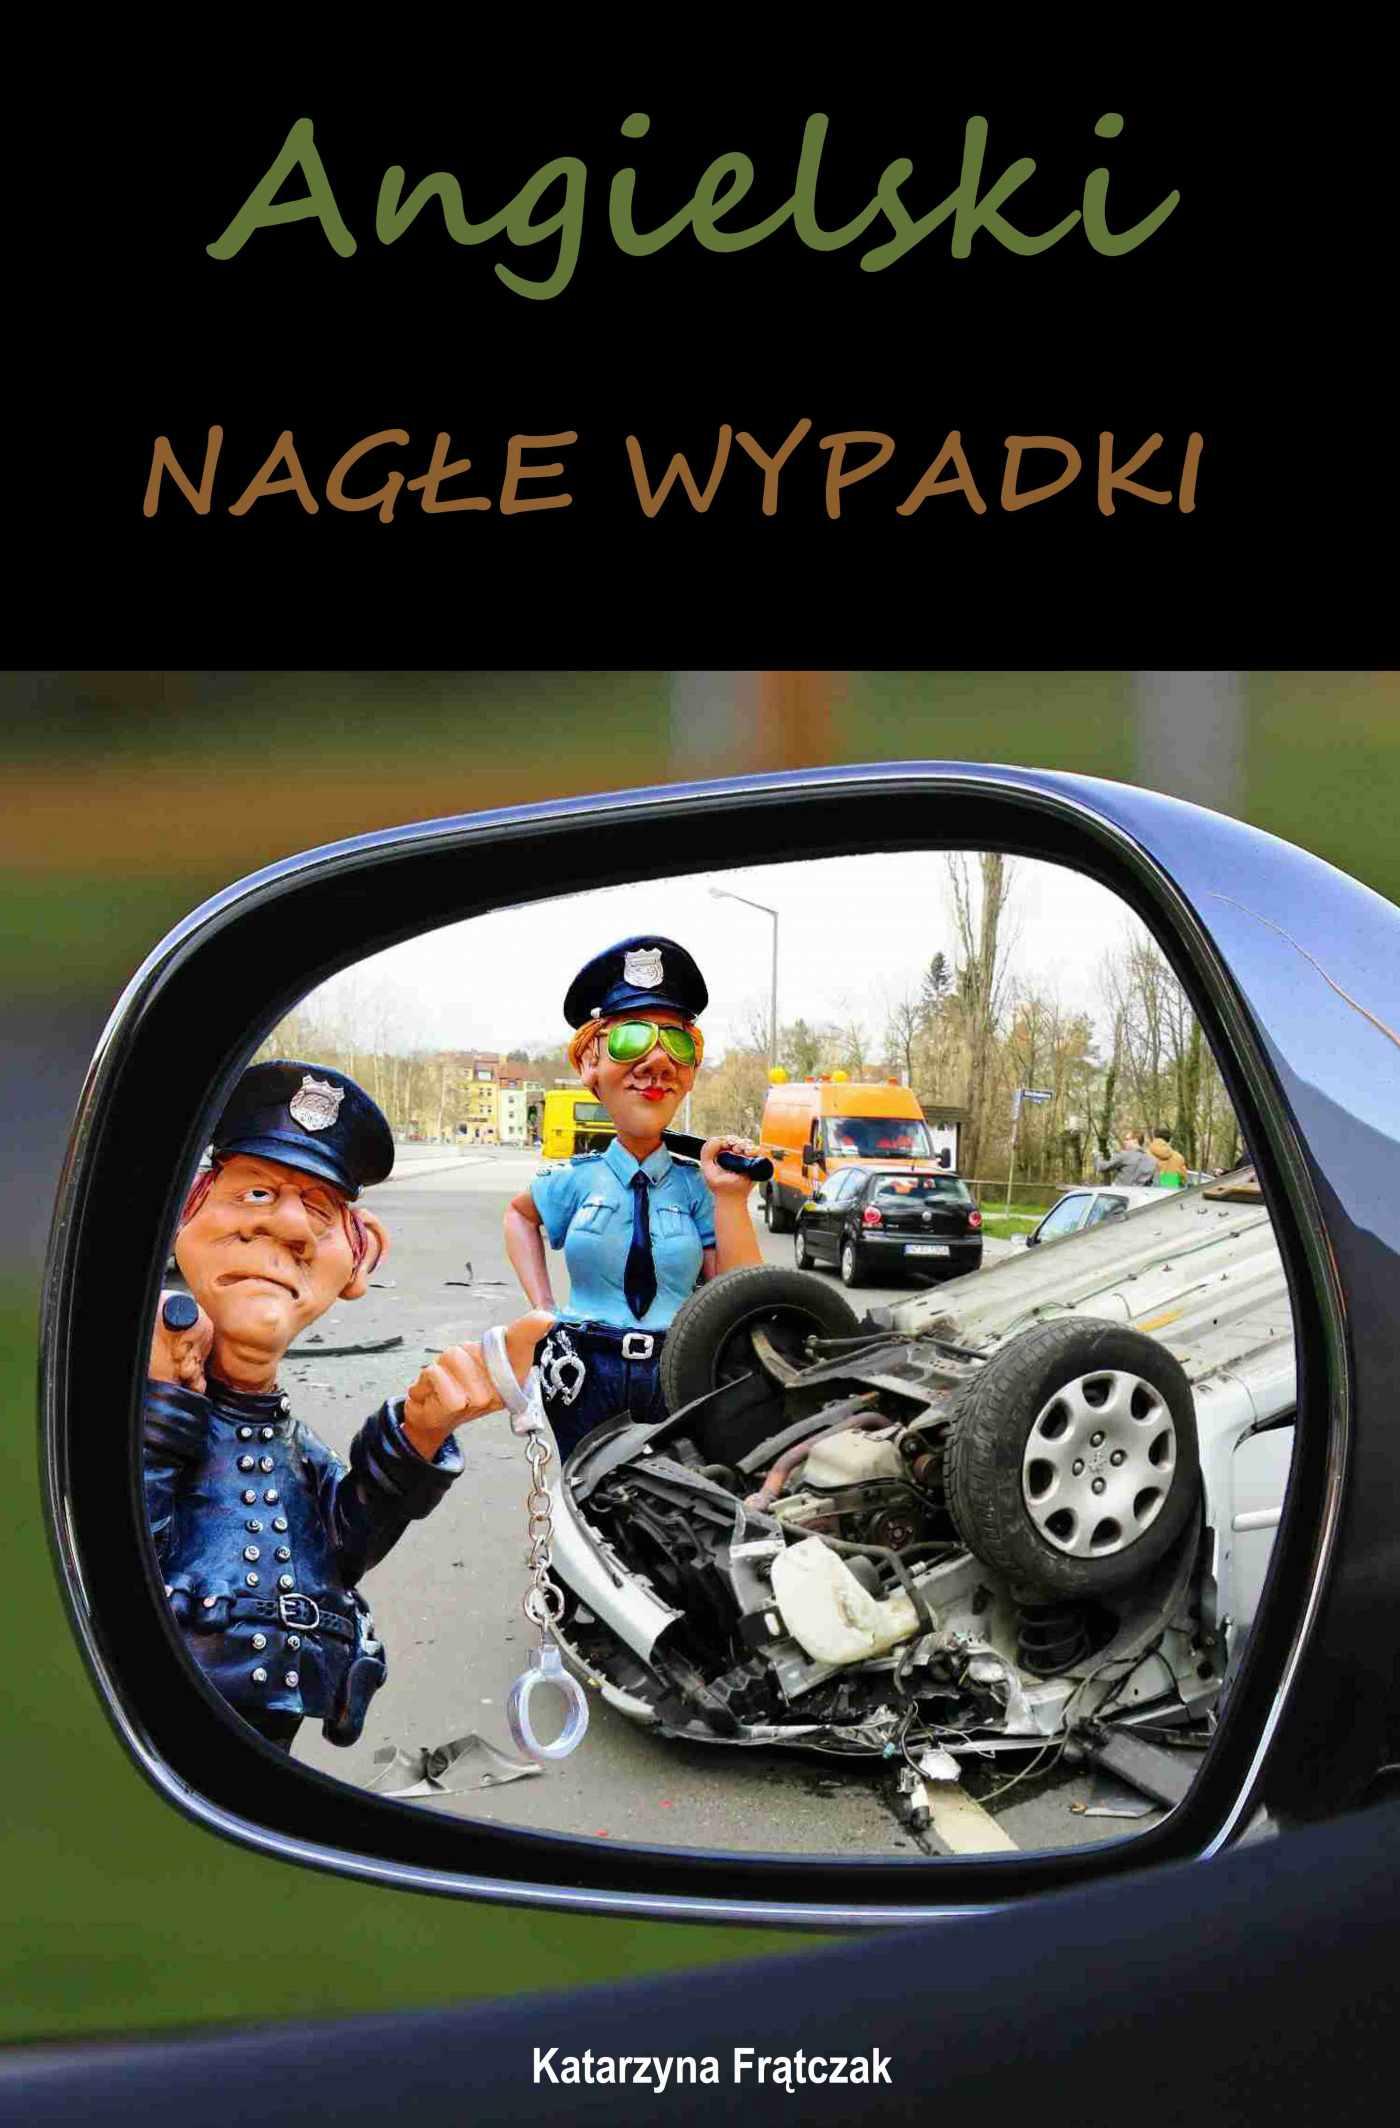 Angielski. Nagłe wypadki - Ebook (Książka PDF) do pobrania w formacie PDF